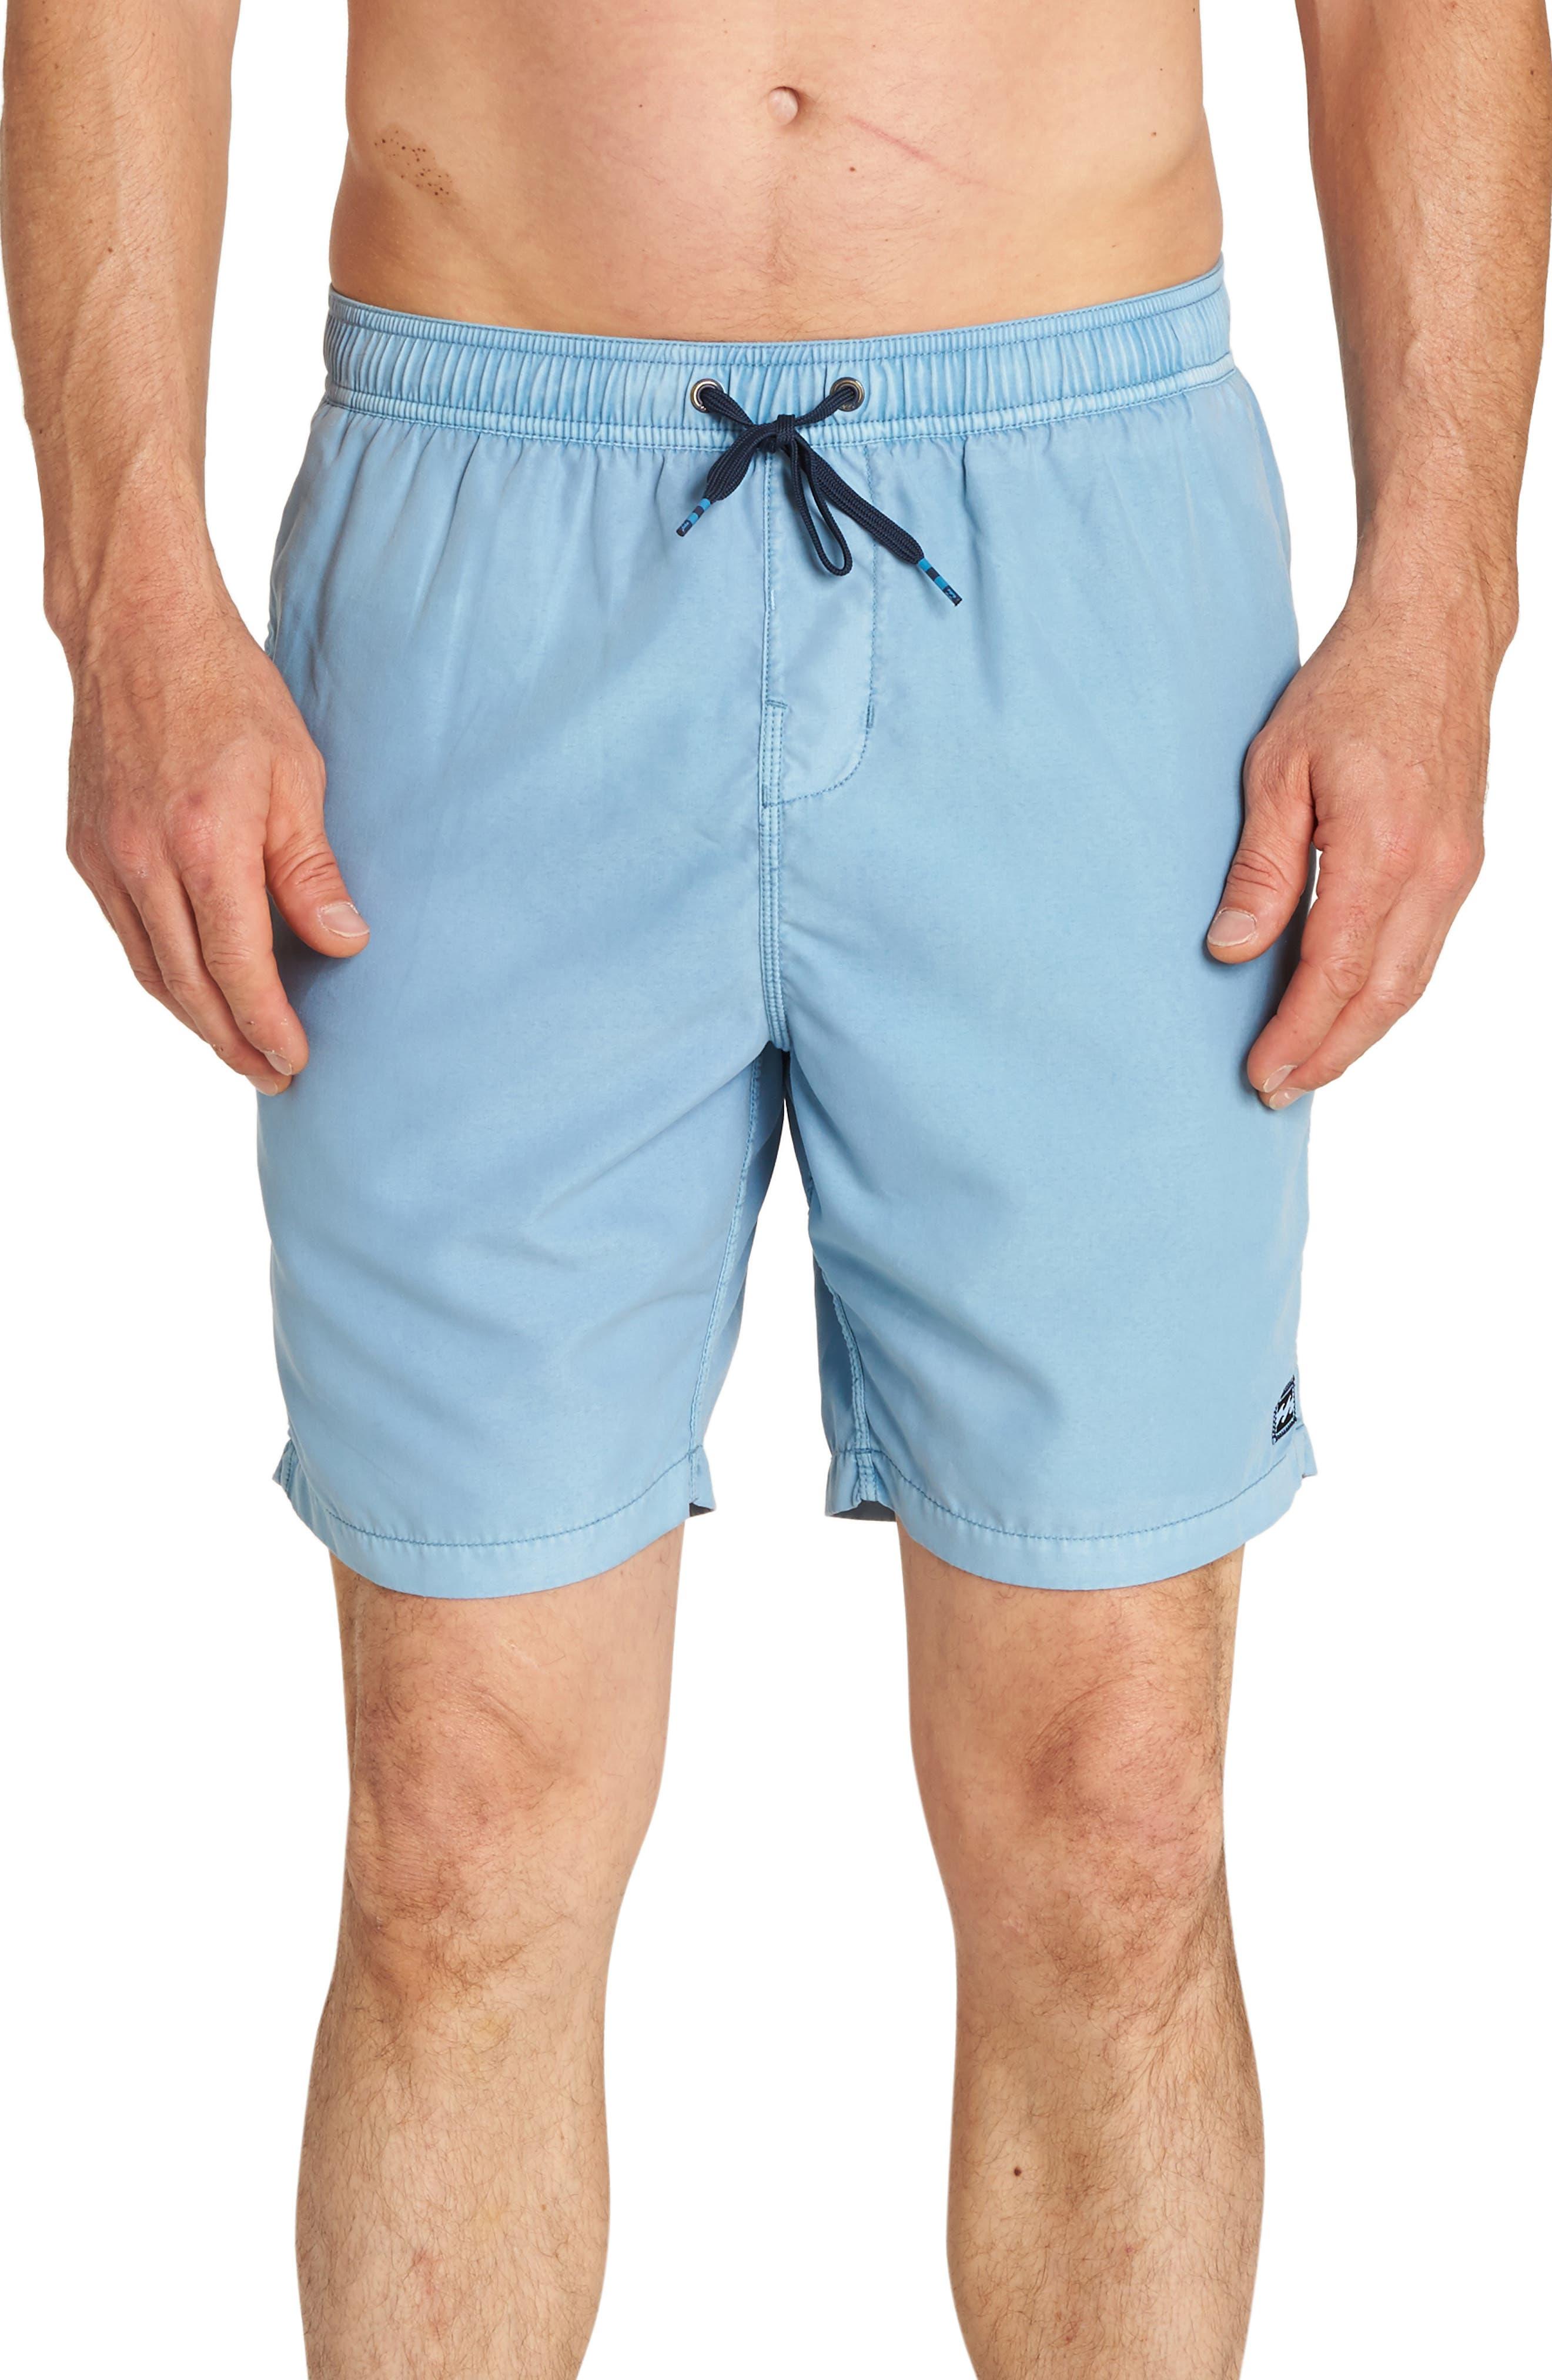 All Day Layback Board Shorts,                             Main thumbnail 1, color,                             428